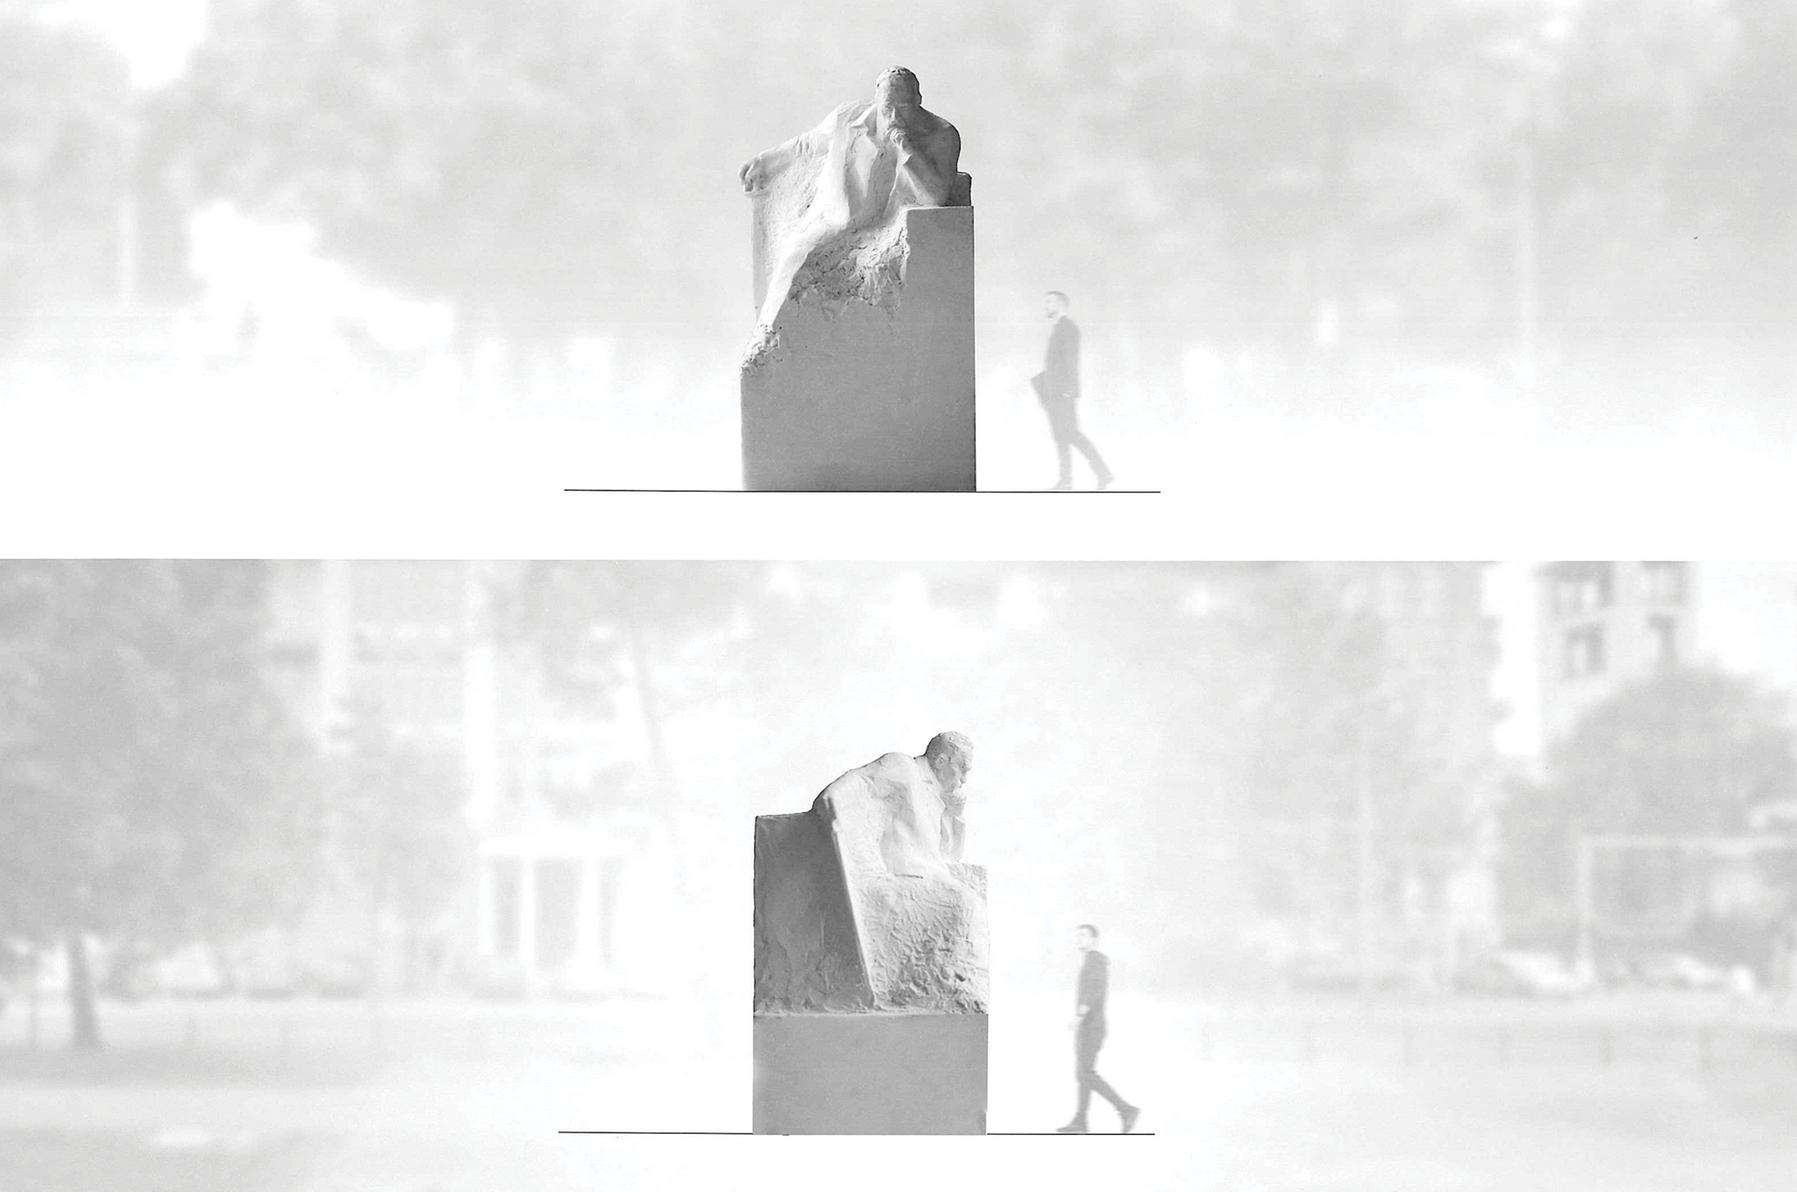 Postać marszałka wyłania się z monolitycznego bloku szwedzkiego granitu.Jego poza sugeruje, że mamy do czynienia z osobą dynamiczną, gotową w każdej chwili podjąć działanie (fot. poznan.pl)